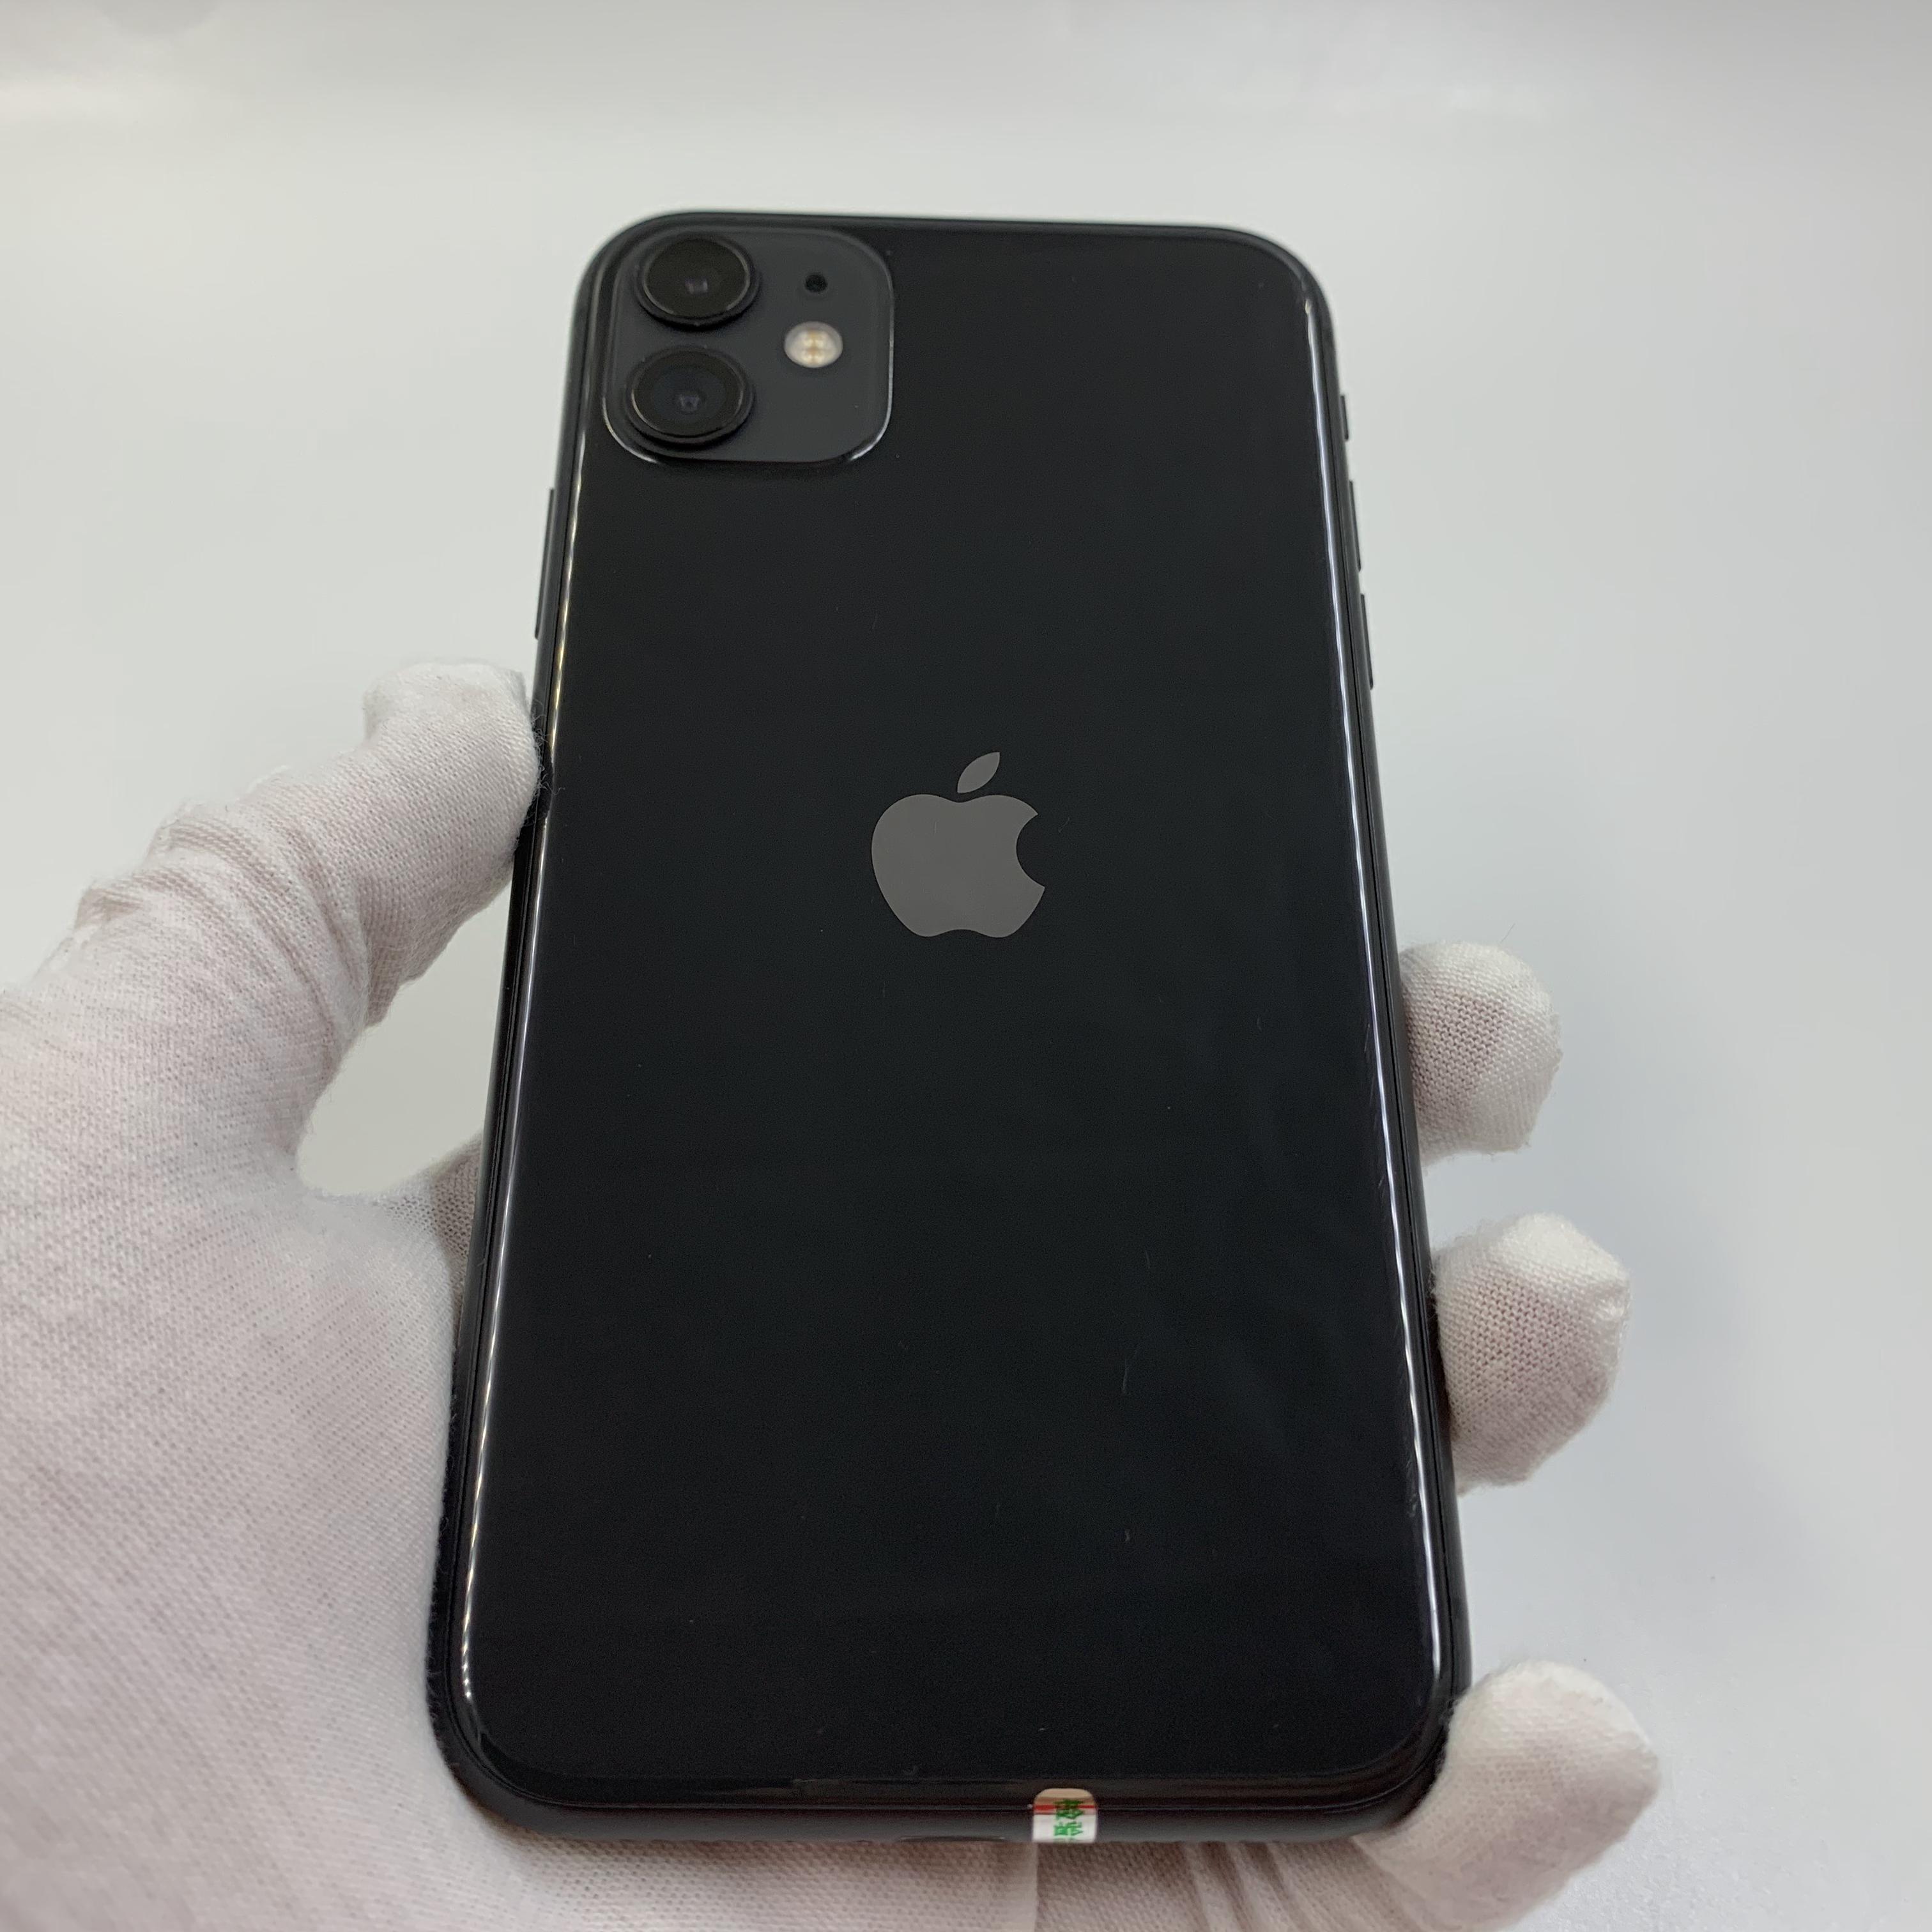 苹果【iPhone 11】4G全网通 黑色 256G 国行 8成新 真机实拍官保2021-07-16